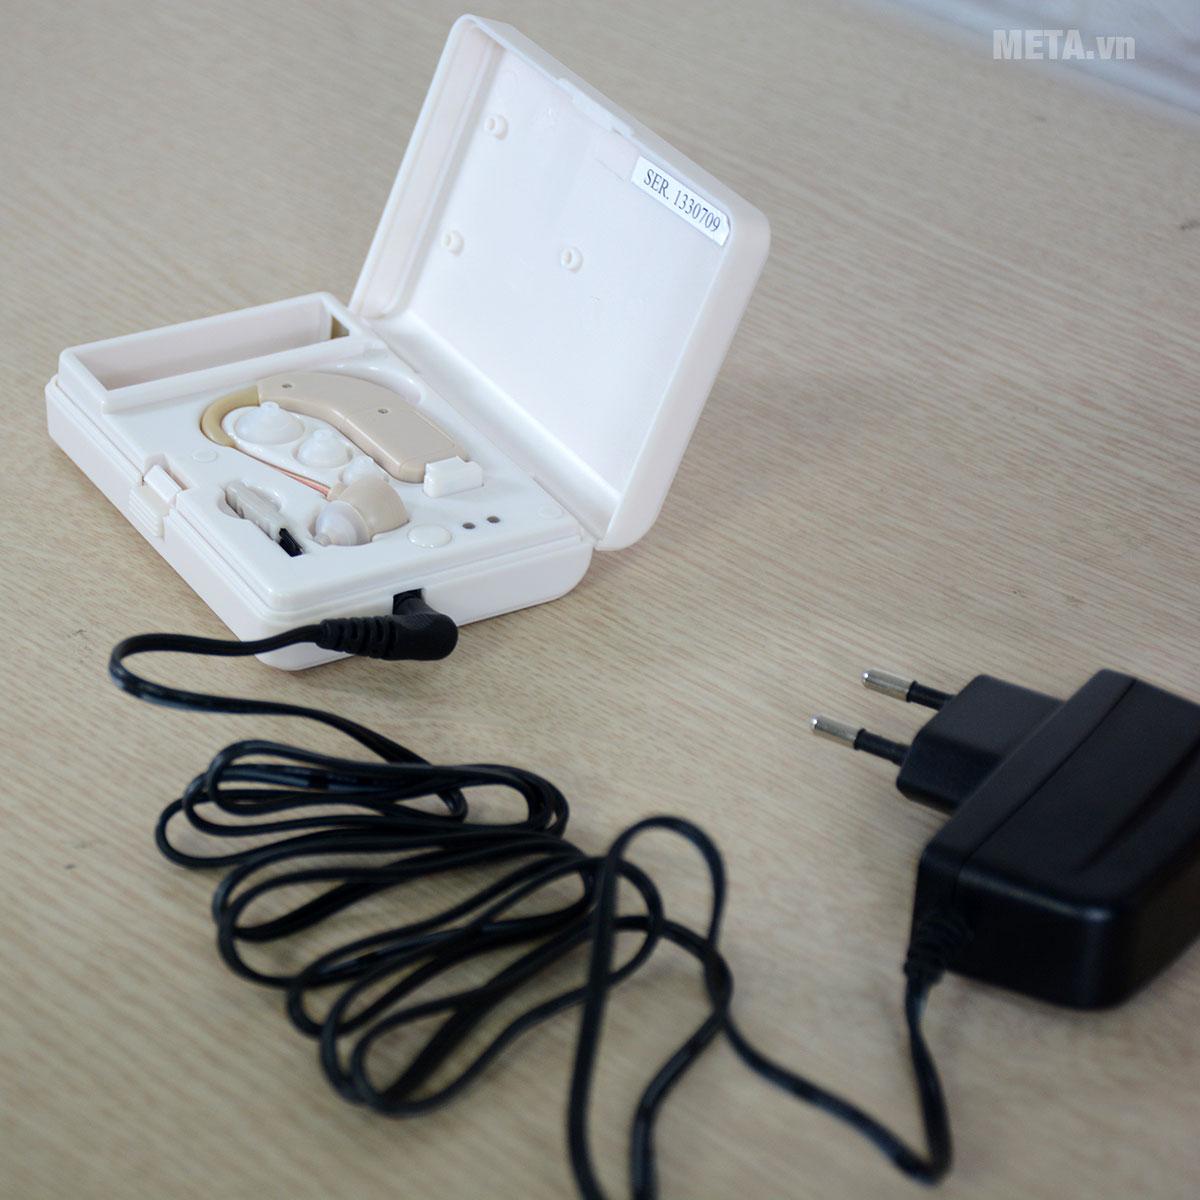 Máy trợ thính không dây Mimitakara UP-64K được trang bị bộ sạc Adapter